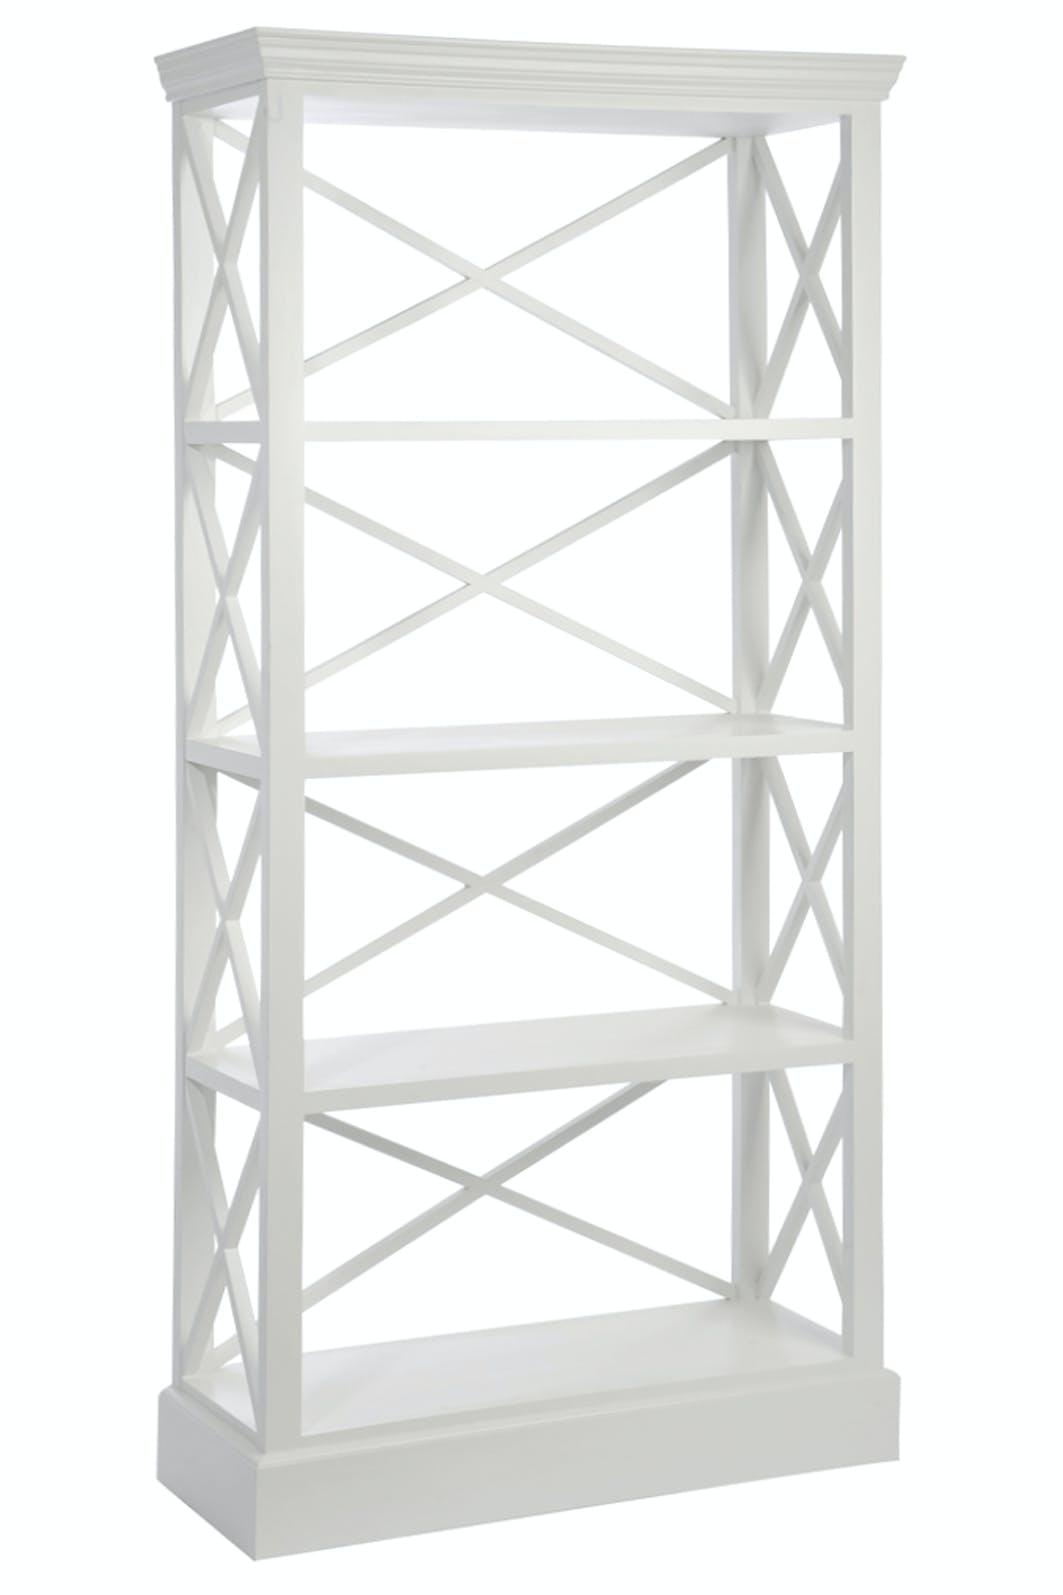 Bibliothèque pin blanc 4 étagères avec croisillons 90x37x190cm